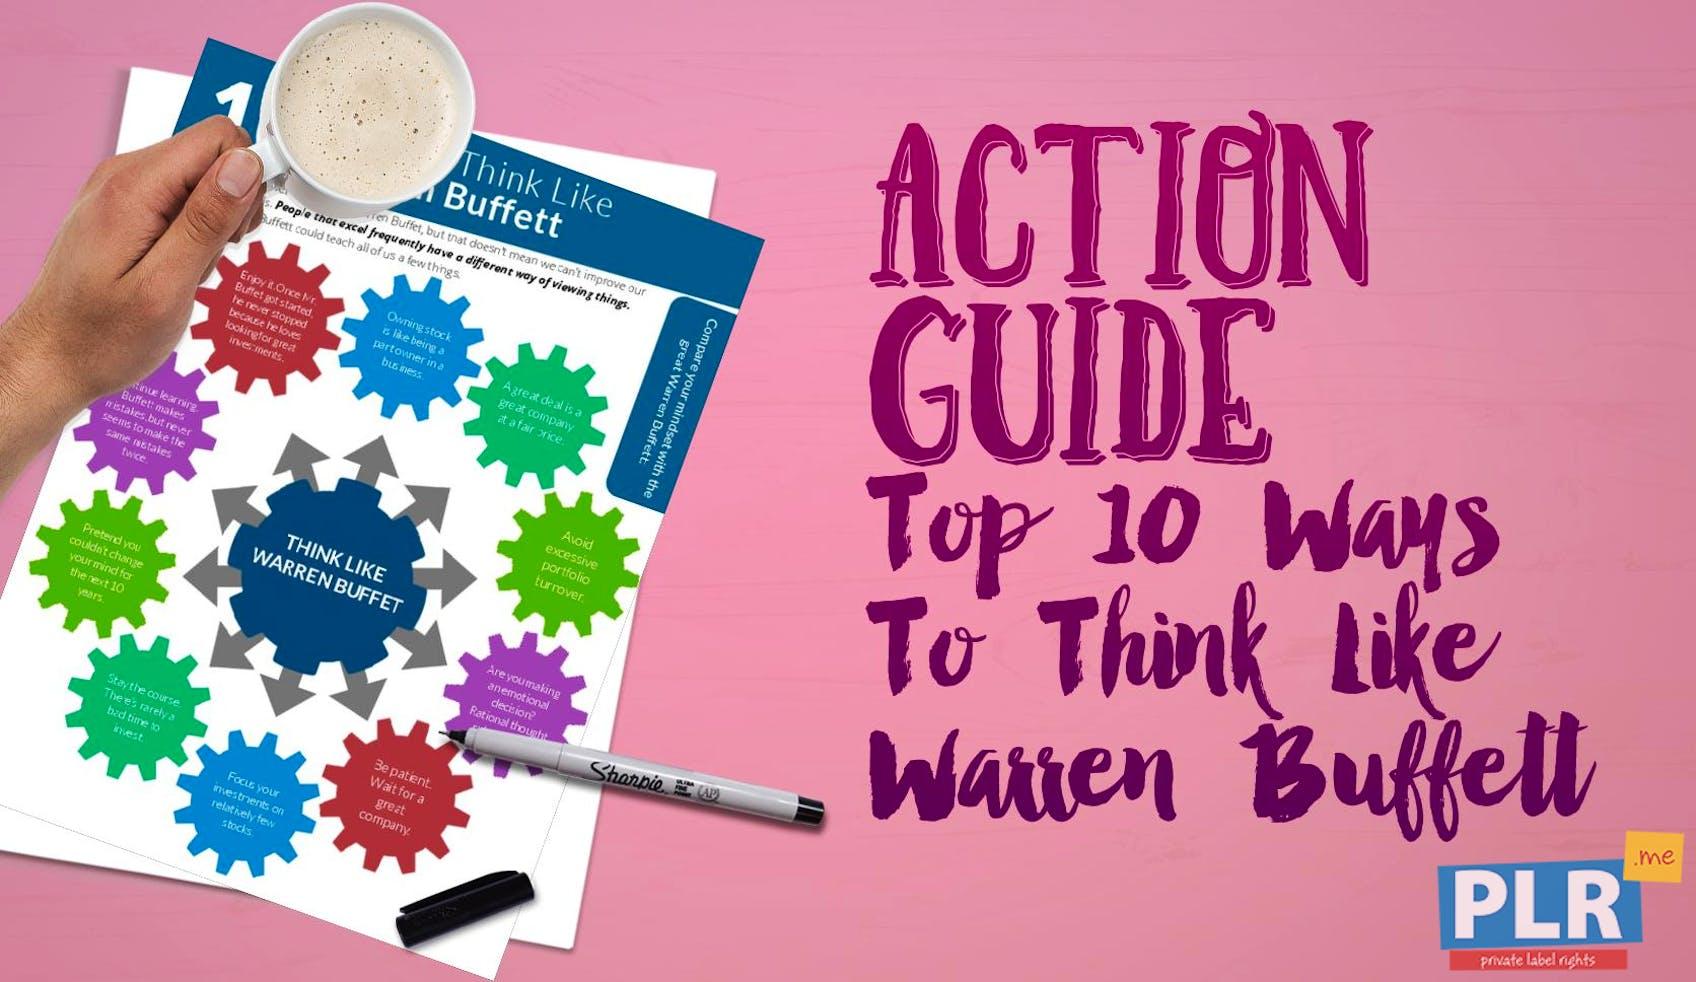 Top 10 Ways To Think Like Warren Buffett